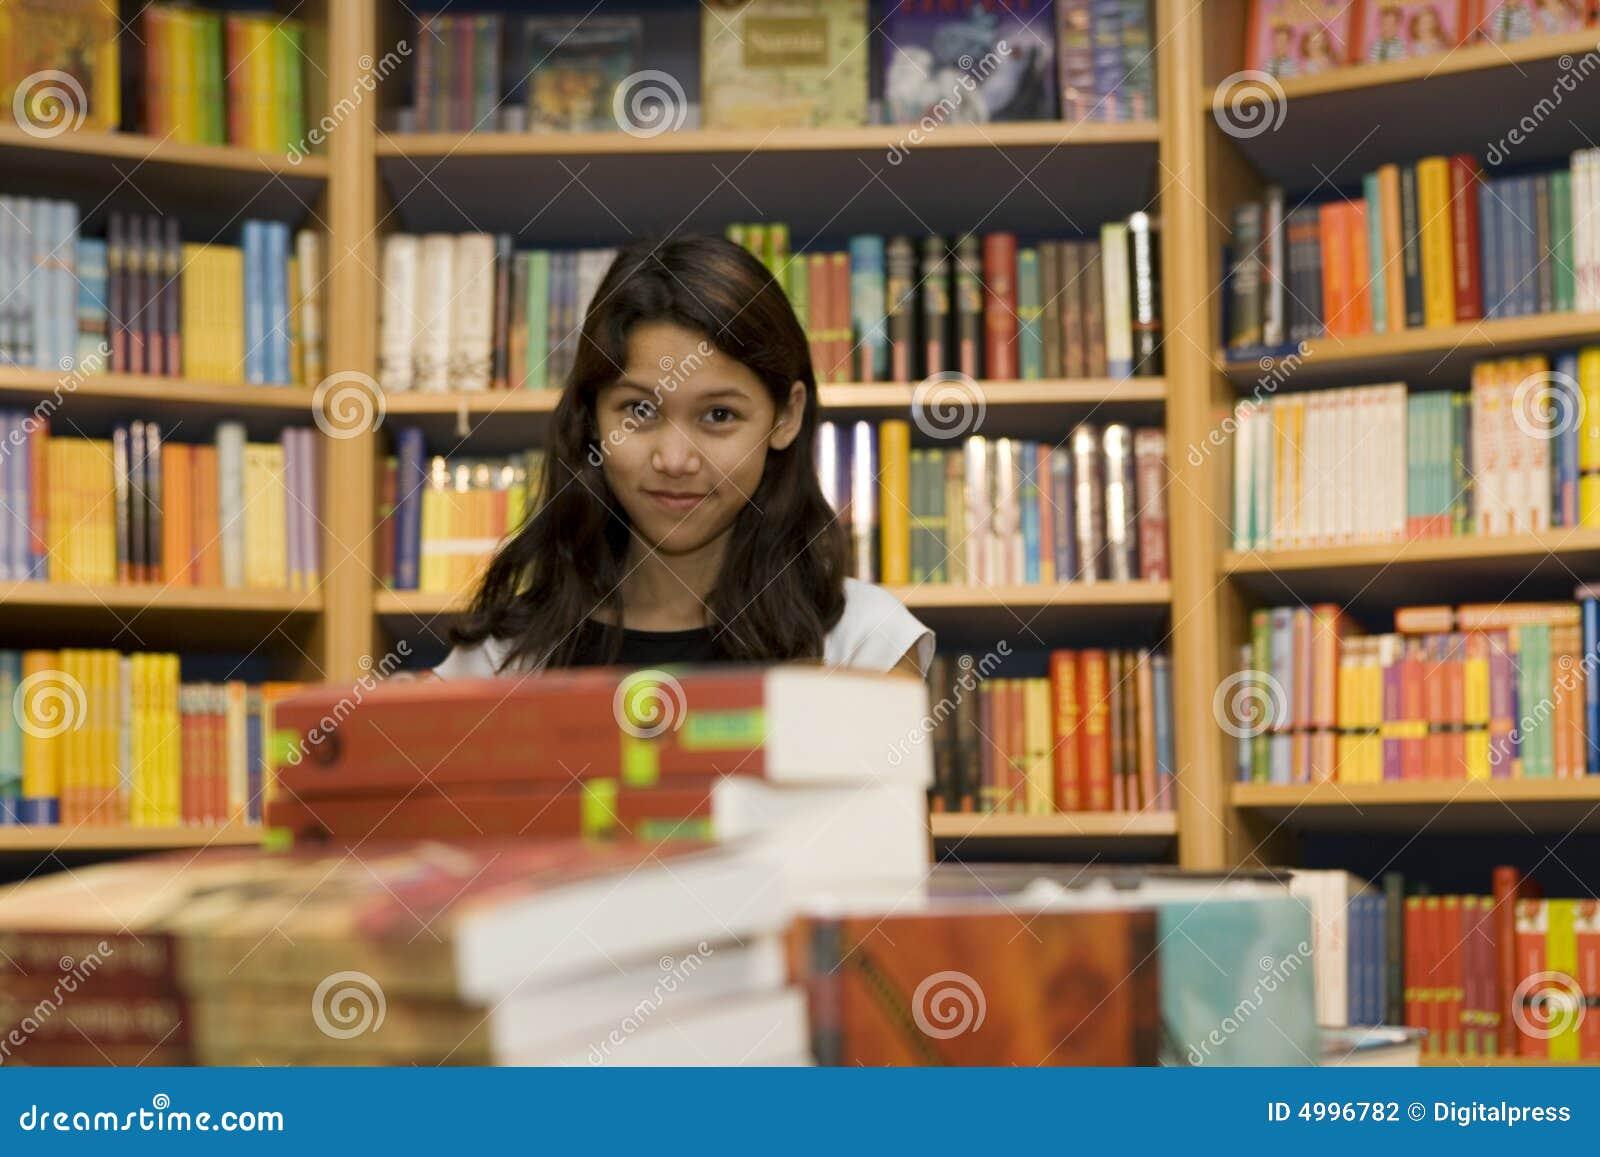 Kupują nastoletniego chcą książek